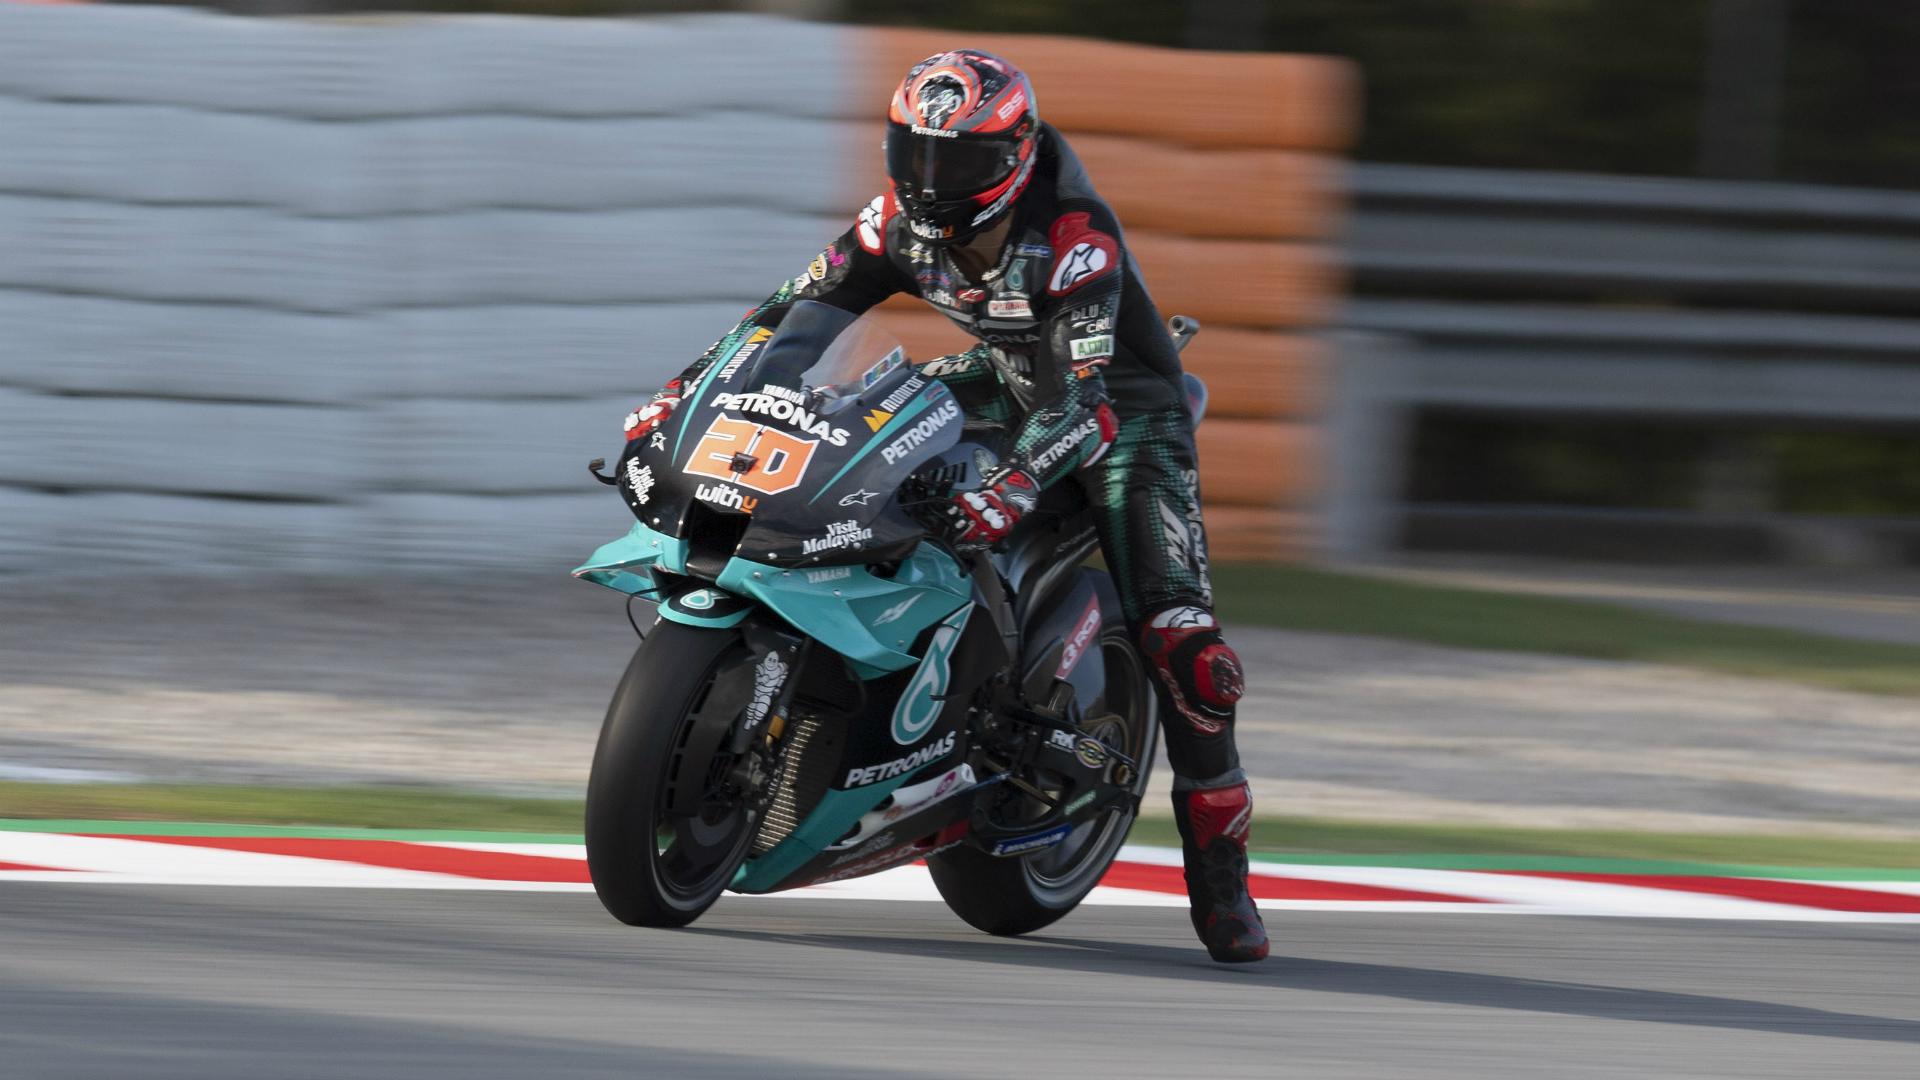 MotoGP 2020: Quartararo explains decision to skip Portimao testing